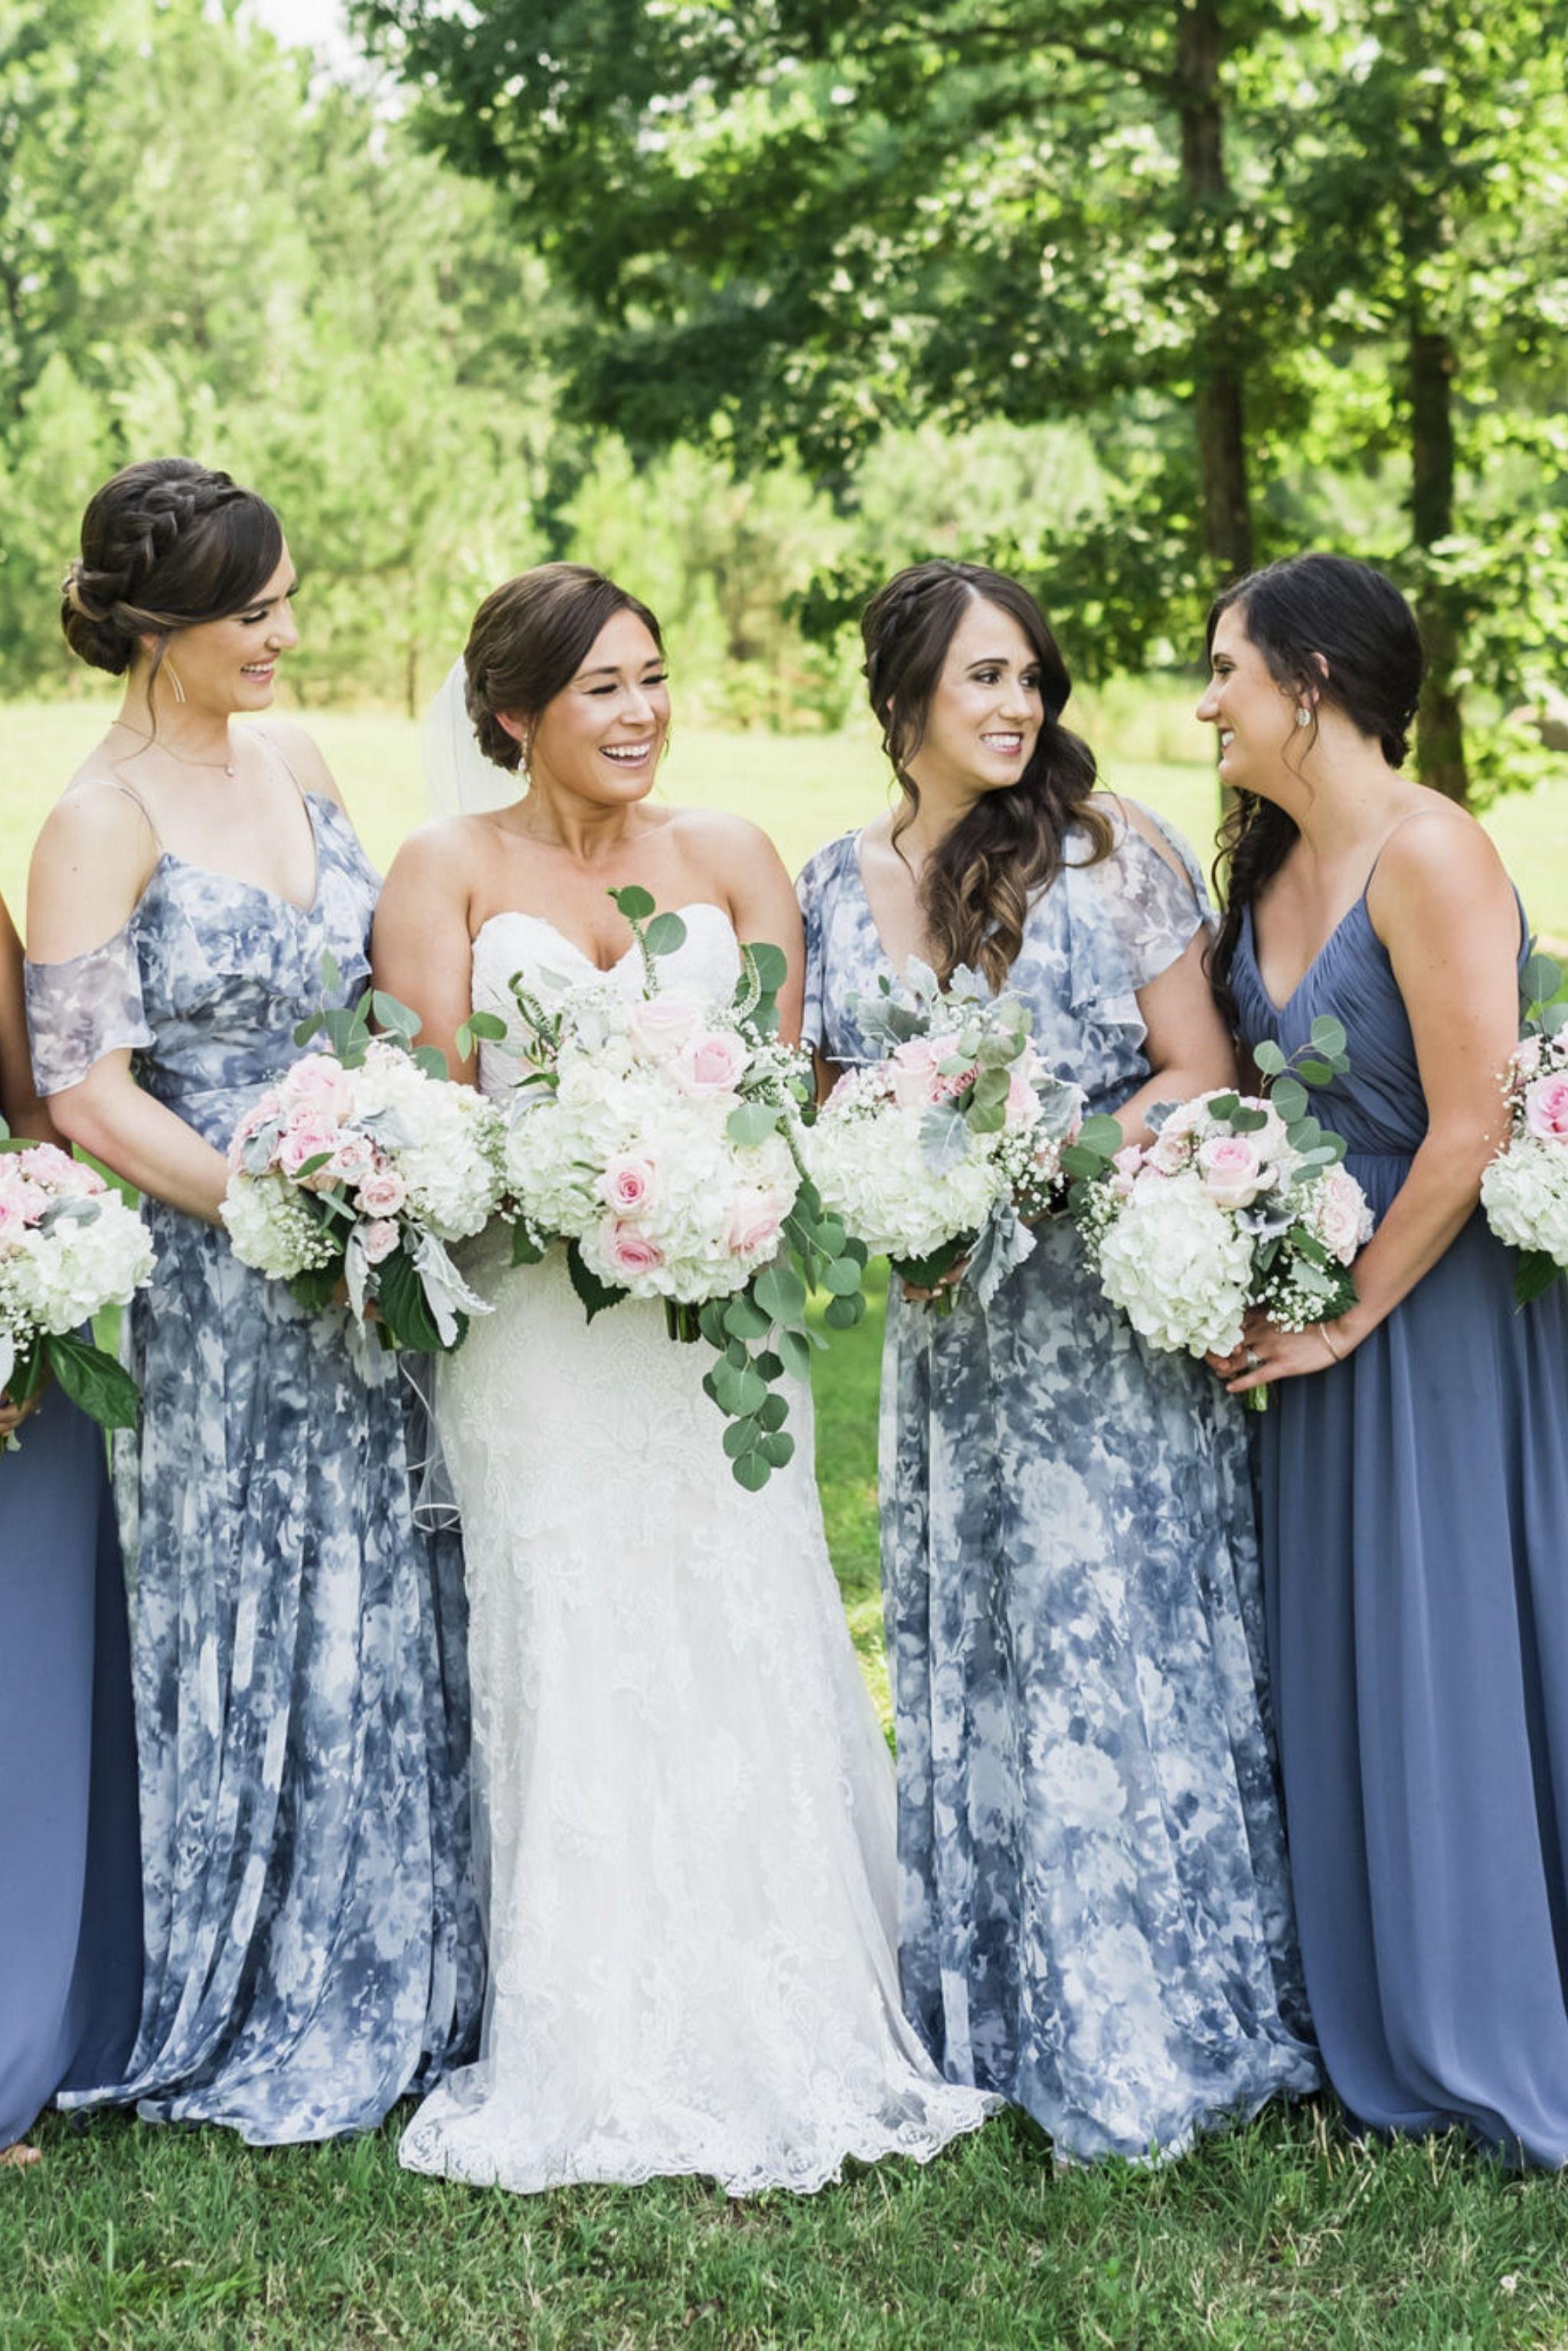 Bridesmaid Bridal Dress Shop Brideside Bridesmaid Dresses Blue Bridesmaid Dresses Grey Bridesmaid Dresses [ 3071 x 2048 Pixel ]